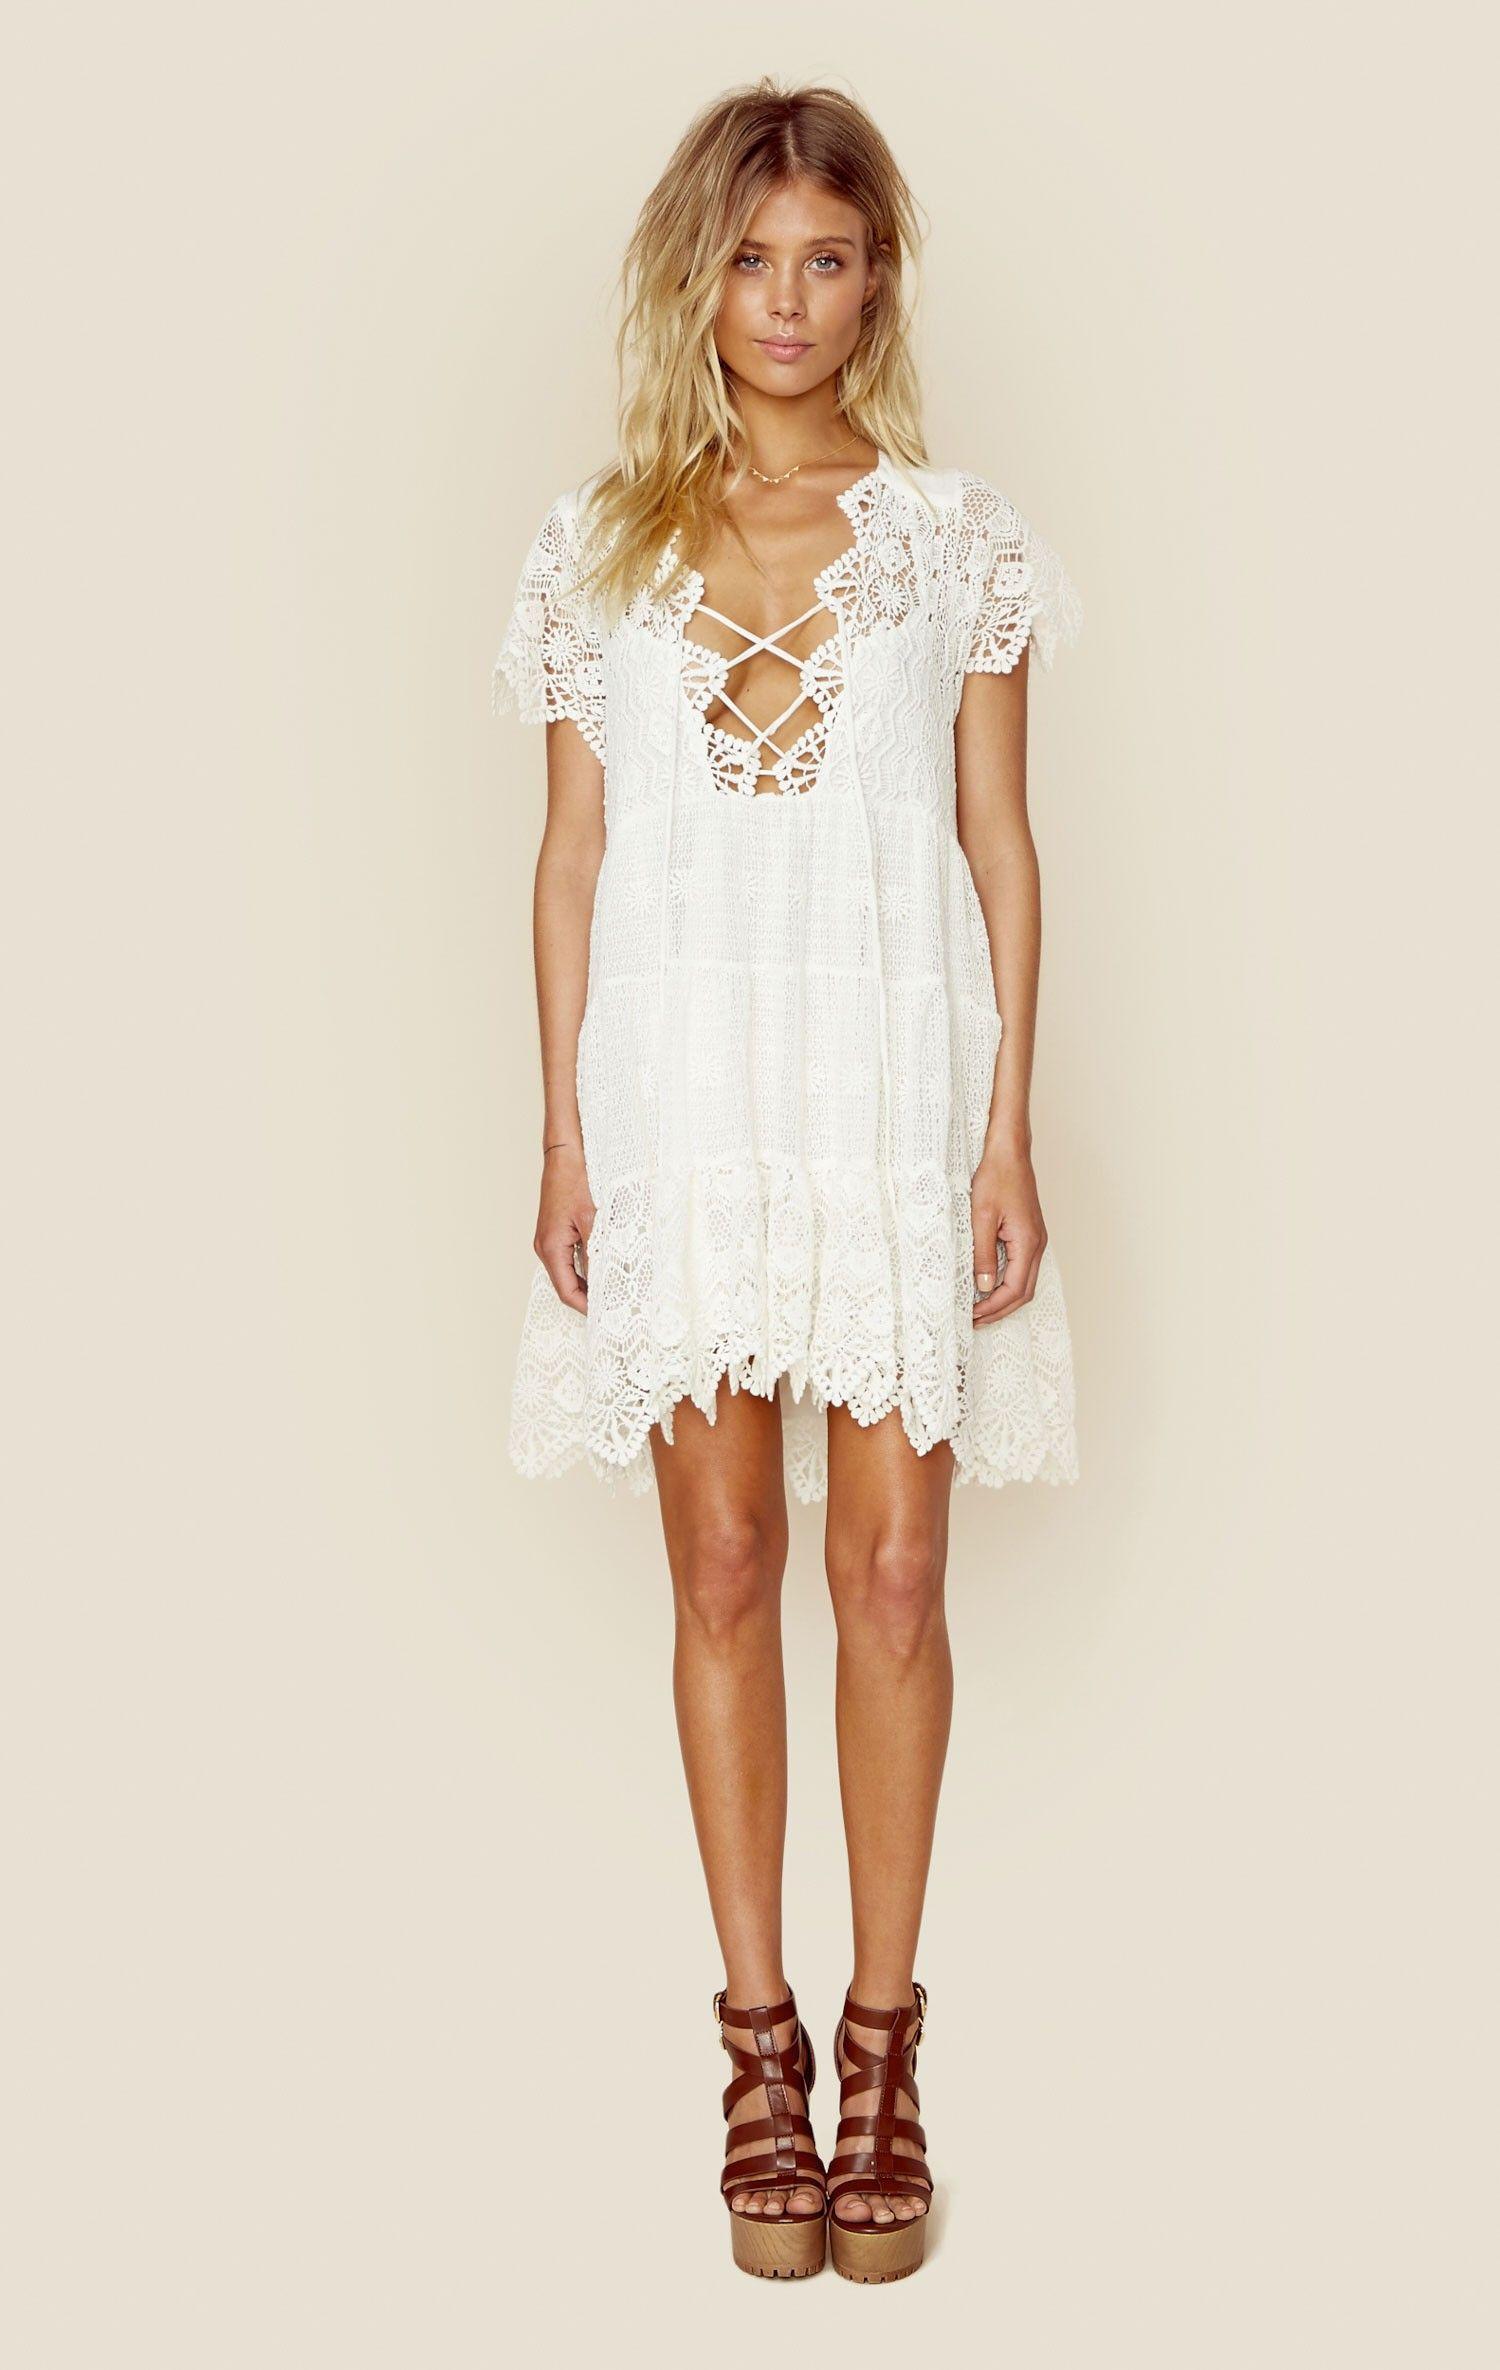 ROMANCE MINI DRESS | @ShopPlanetBlue